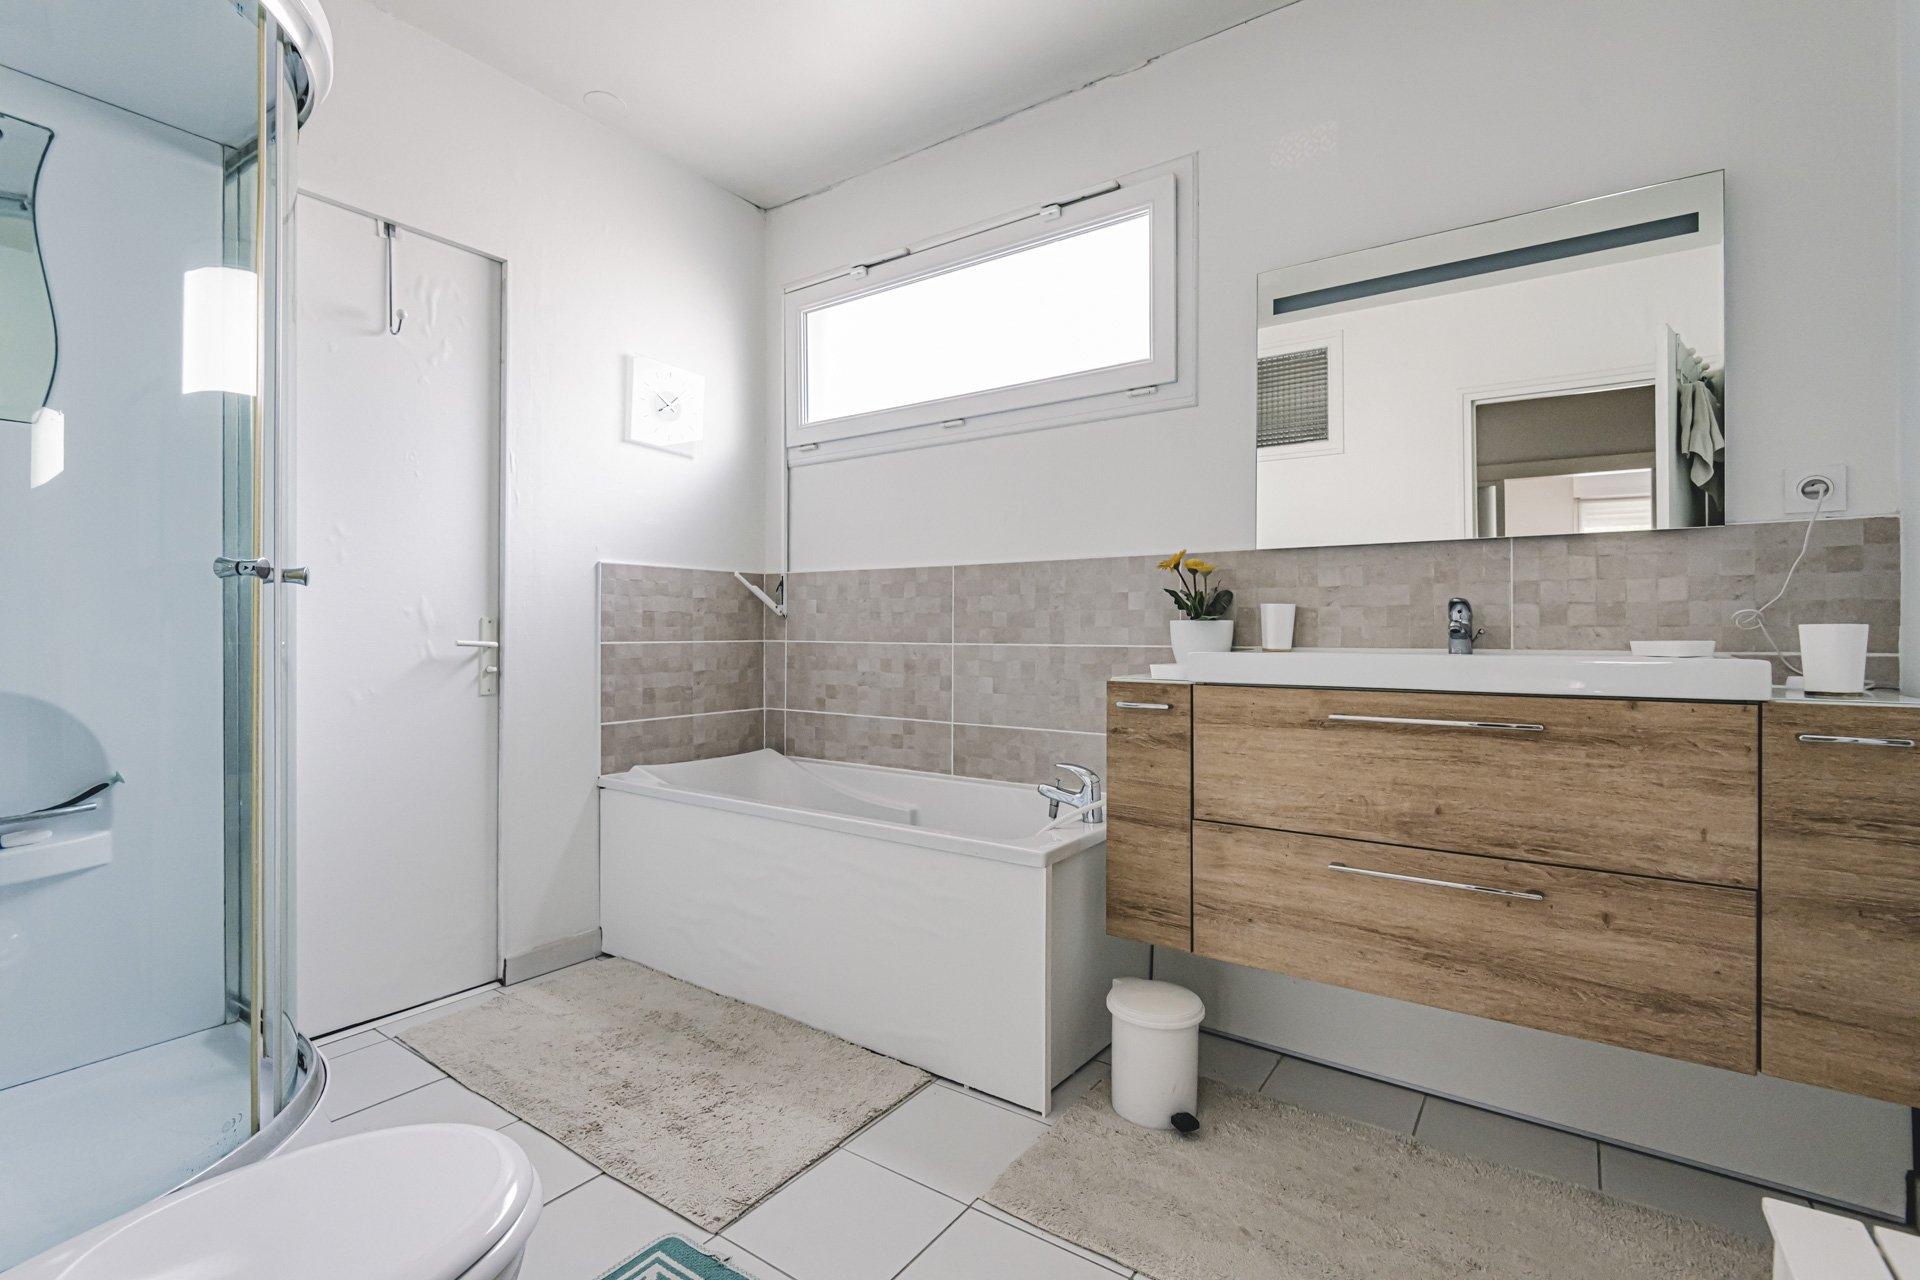 Maison Reims 5 Pièces 112 m2 - 10